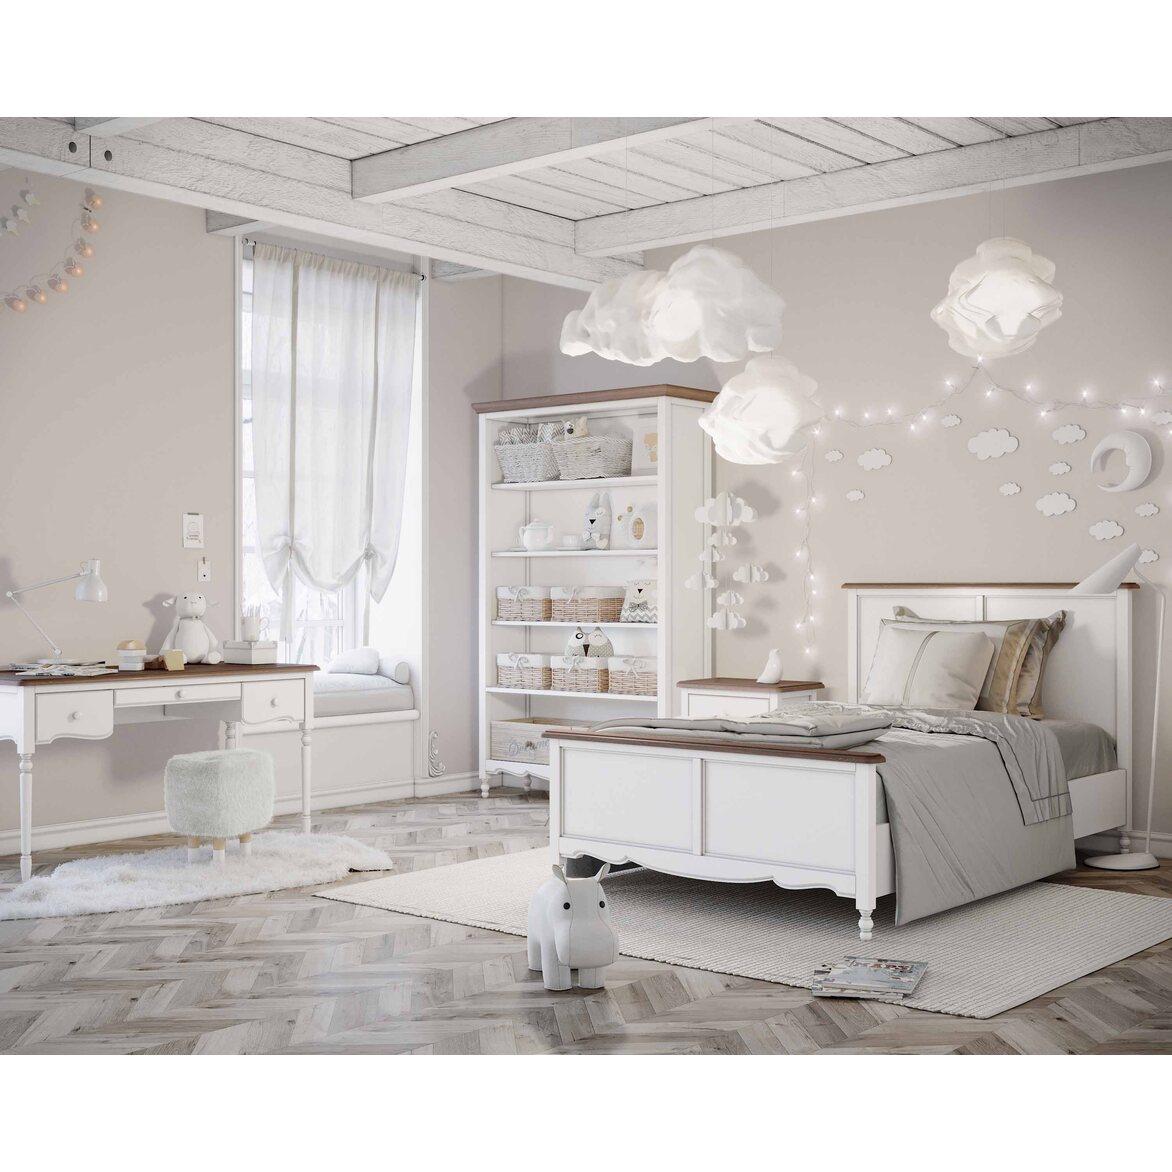 Письменный стол с 3-я ящиками Leblanc, белый 3 | Письменные столы Kingsby